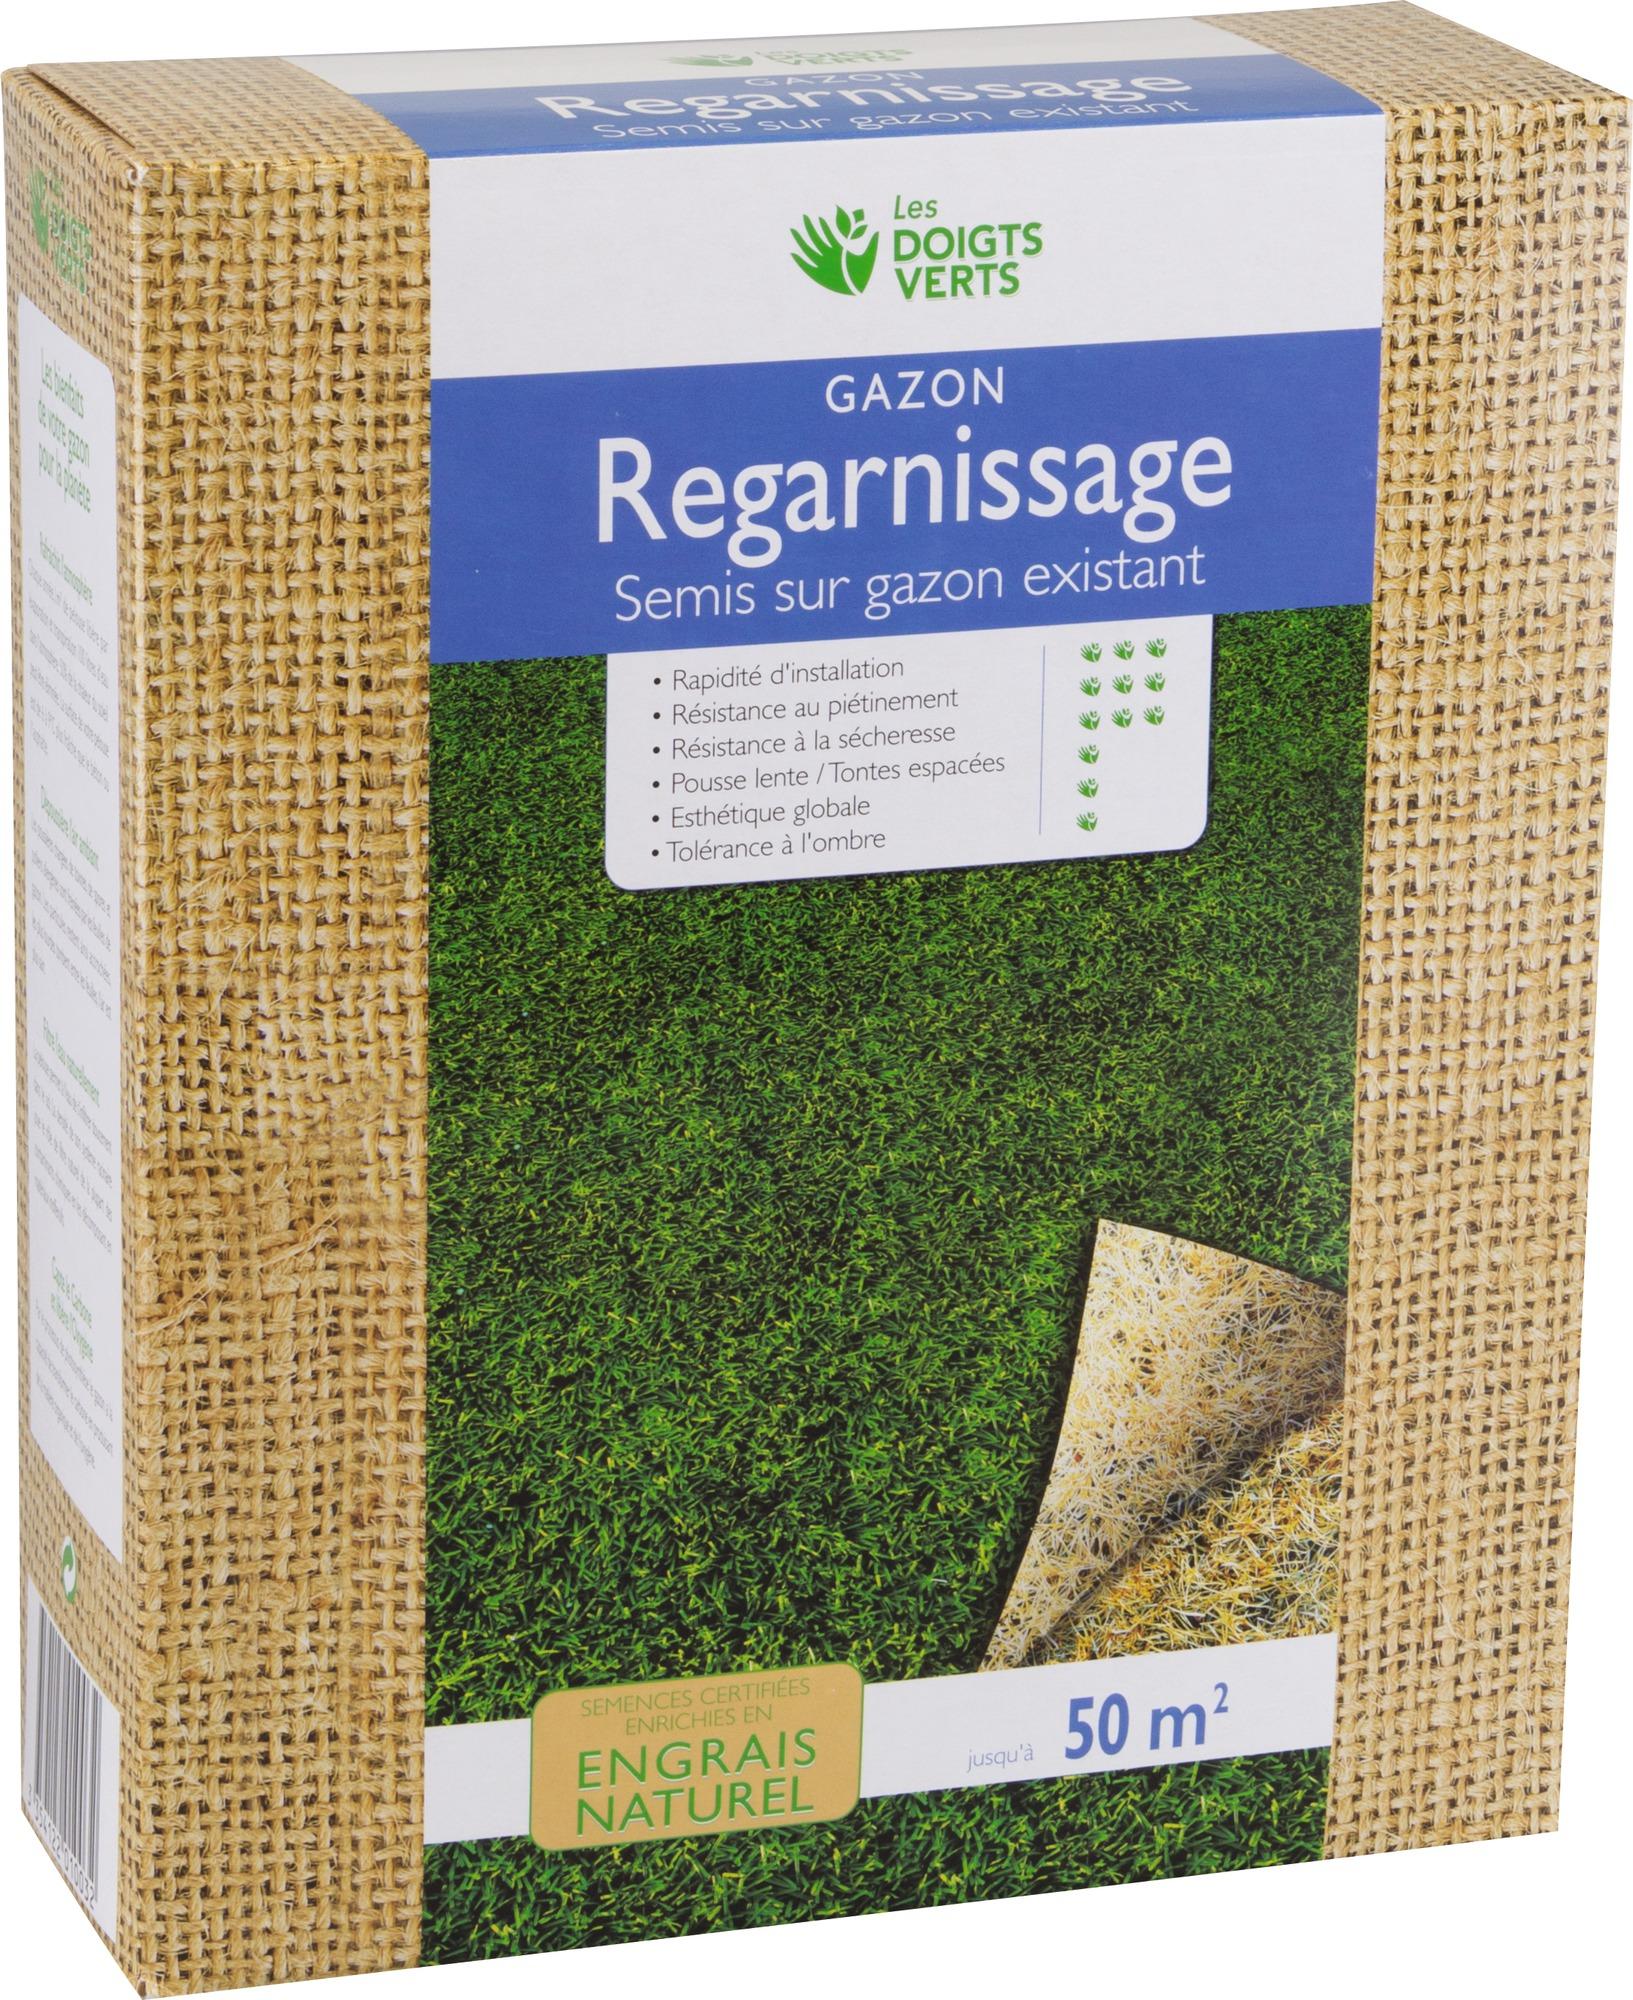 Gazon regarnissage enrichi Les doigts verts - 1 kg